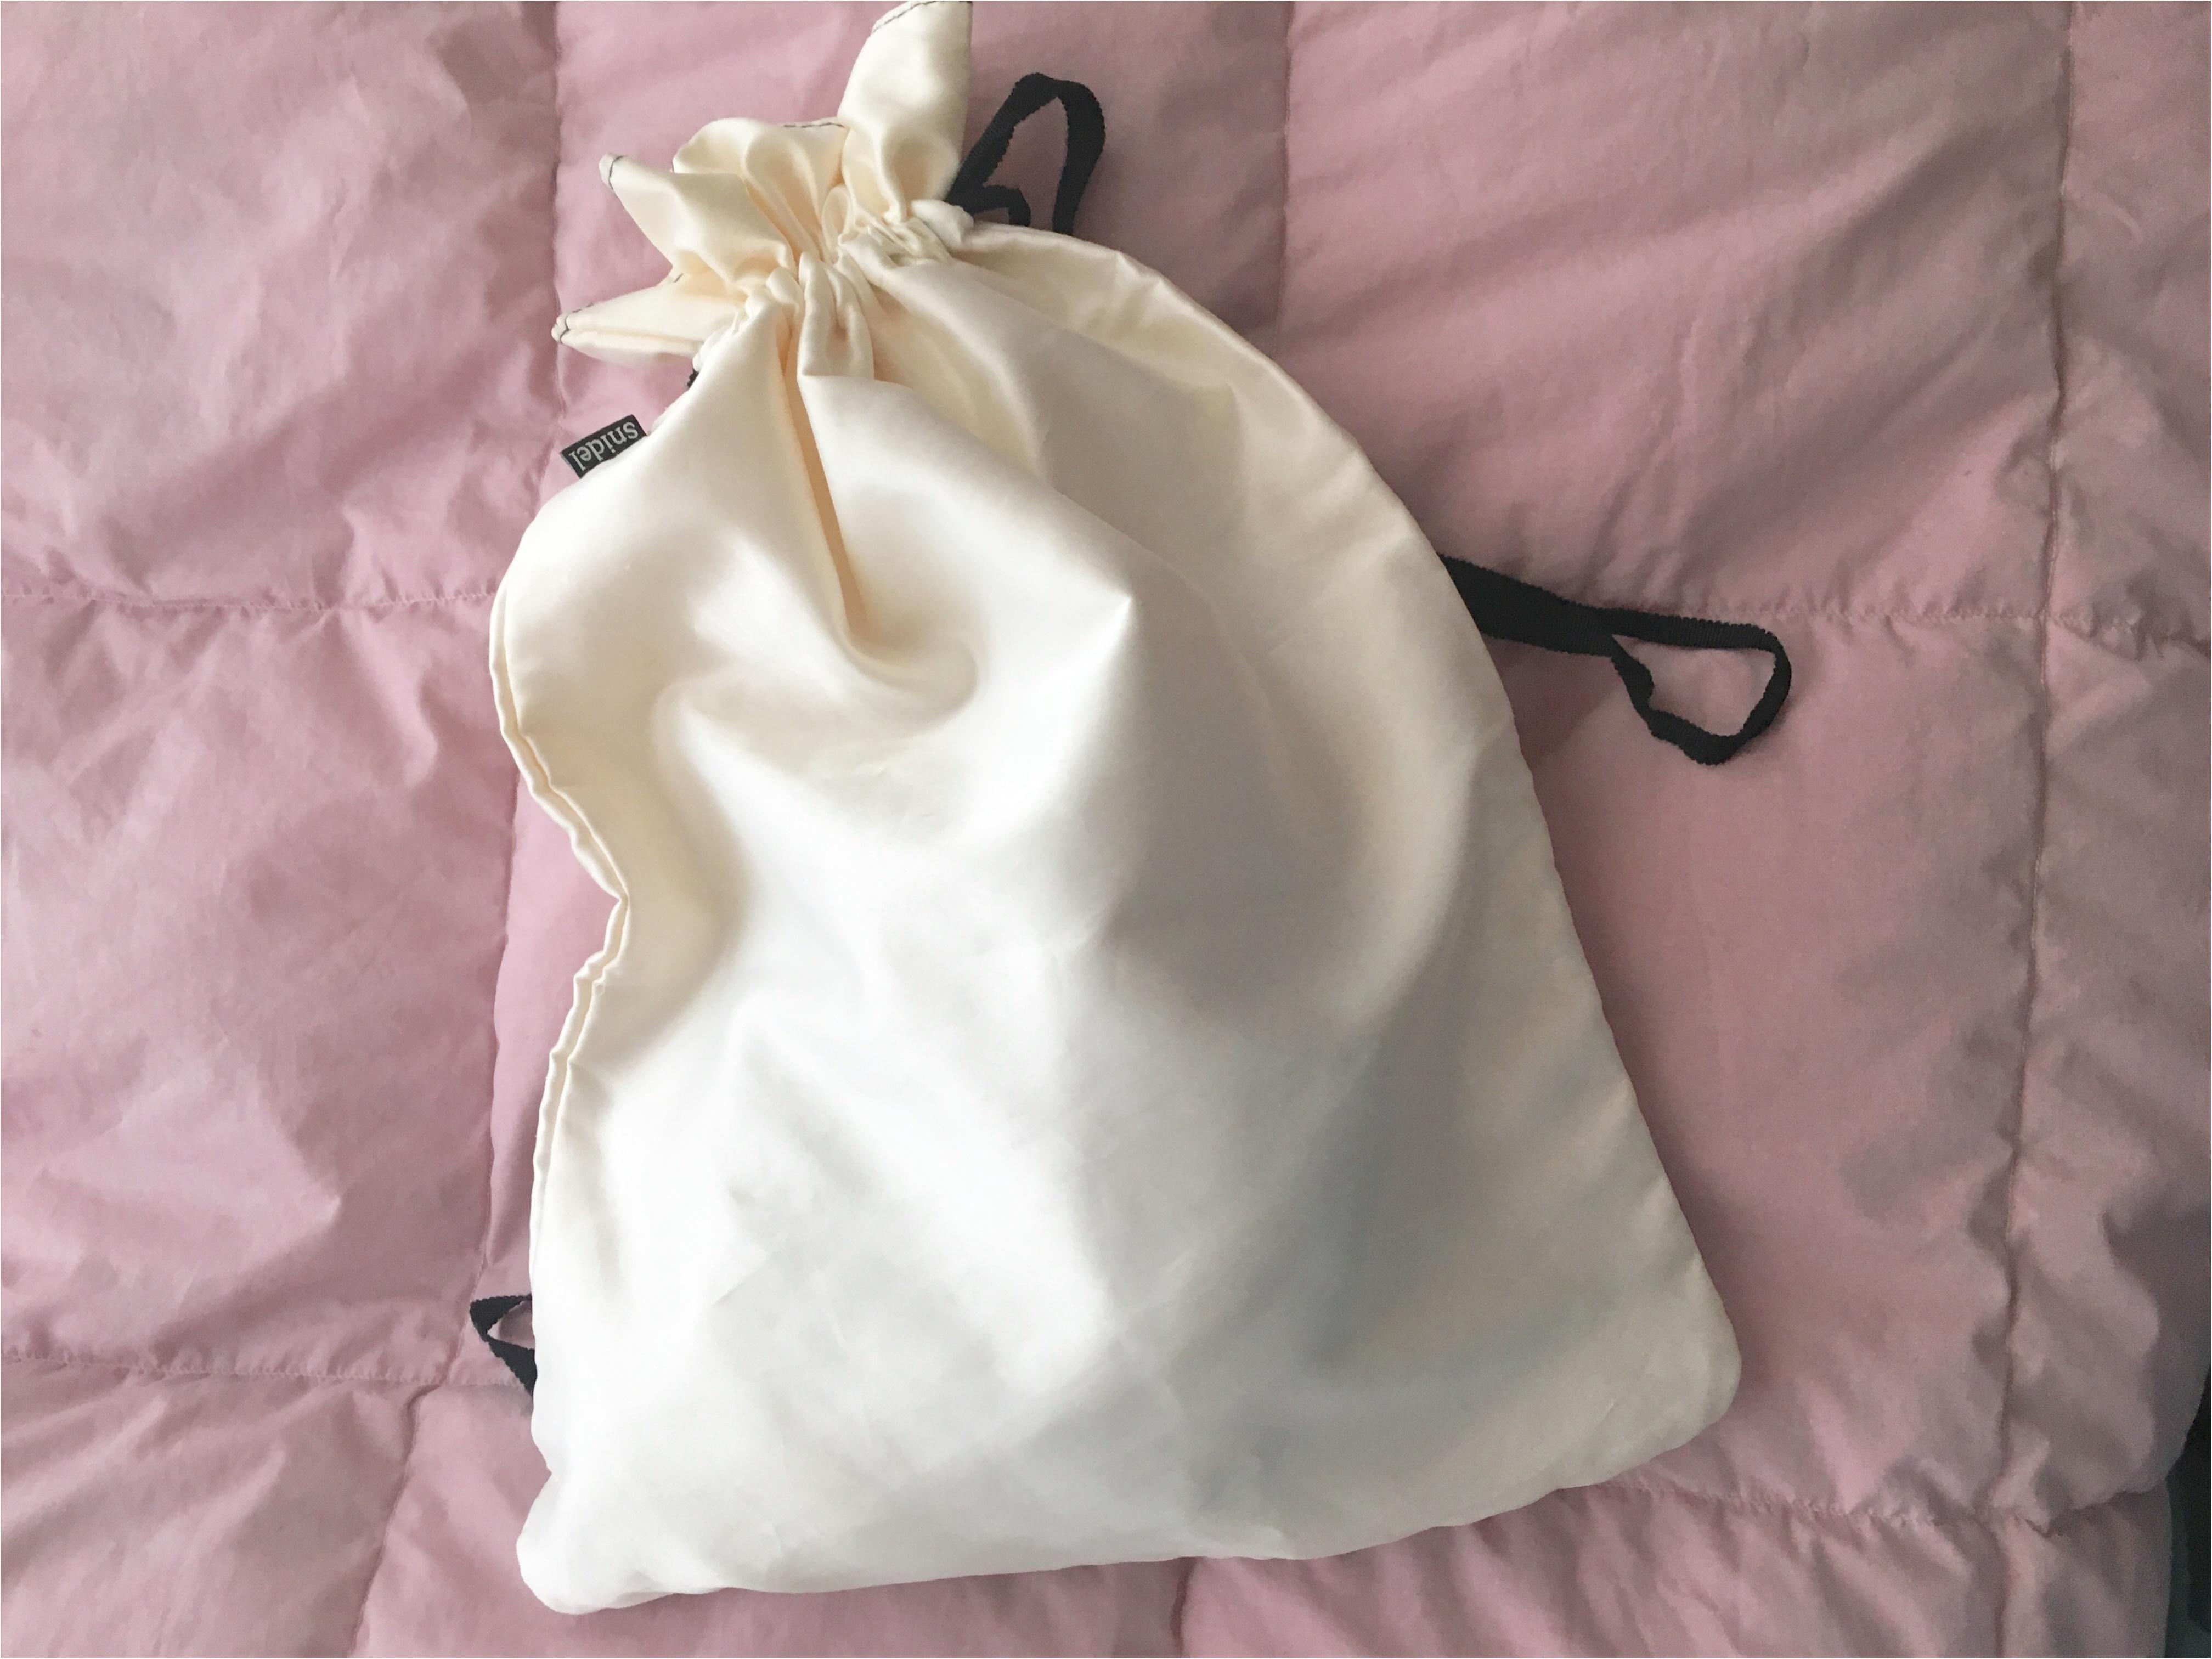 旅行バッグの準備にお役立ち!仕分け用ポーチあれこれ_2